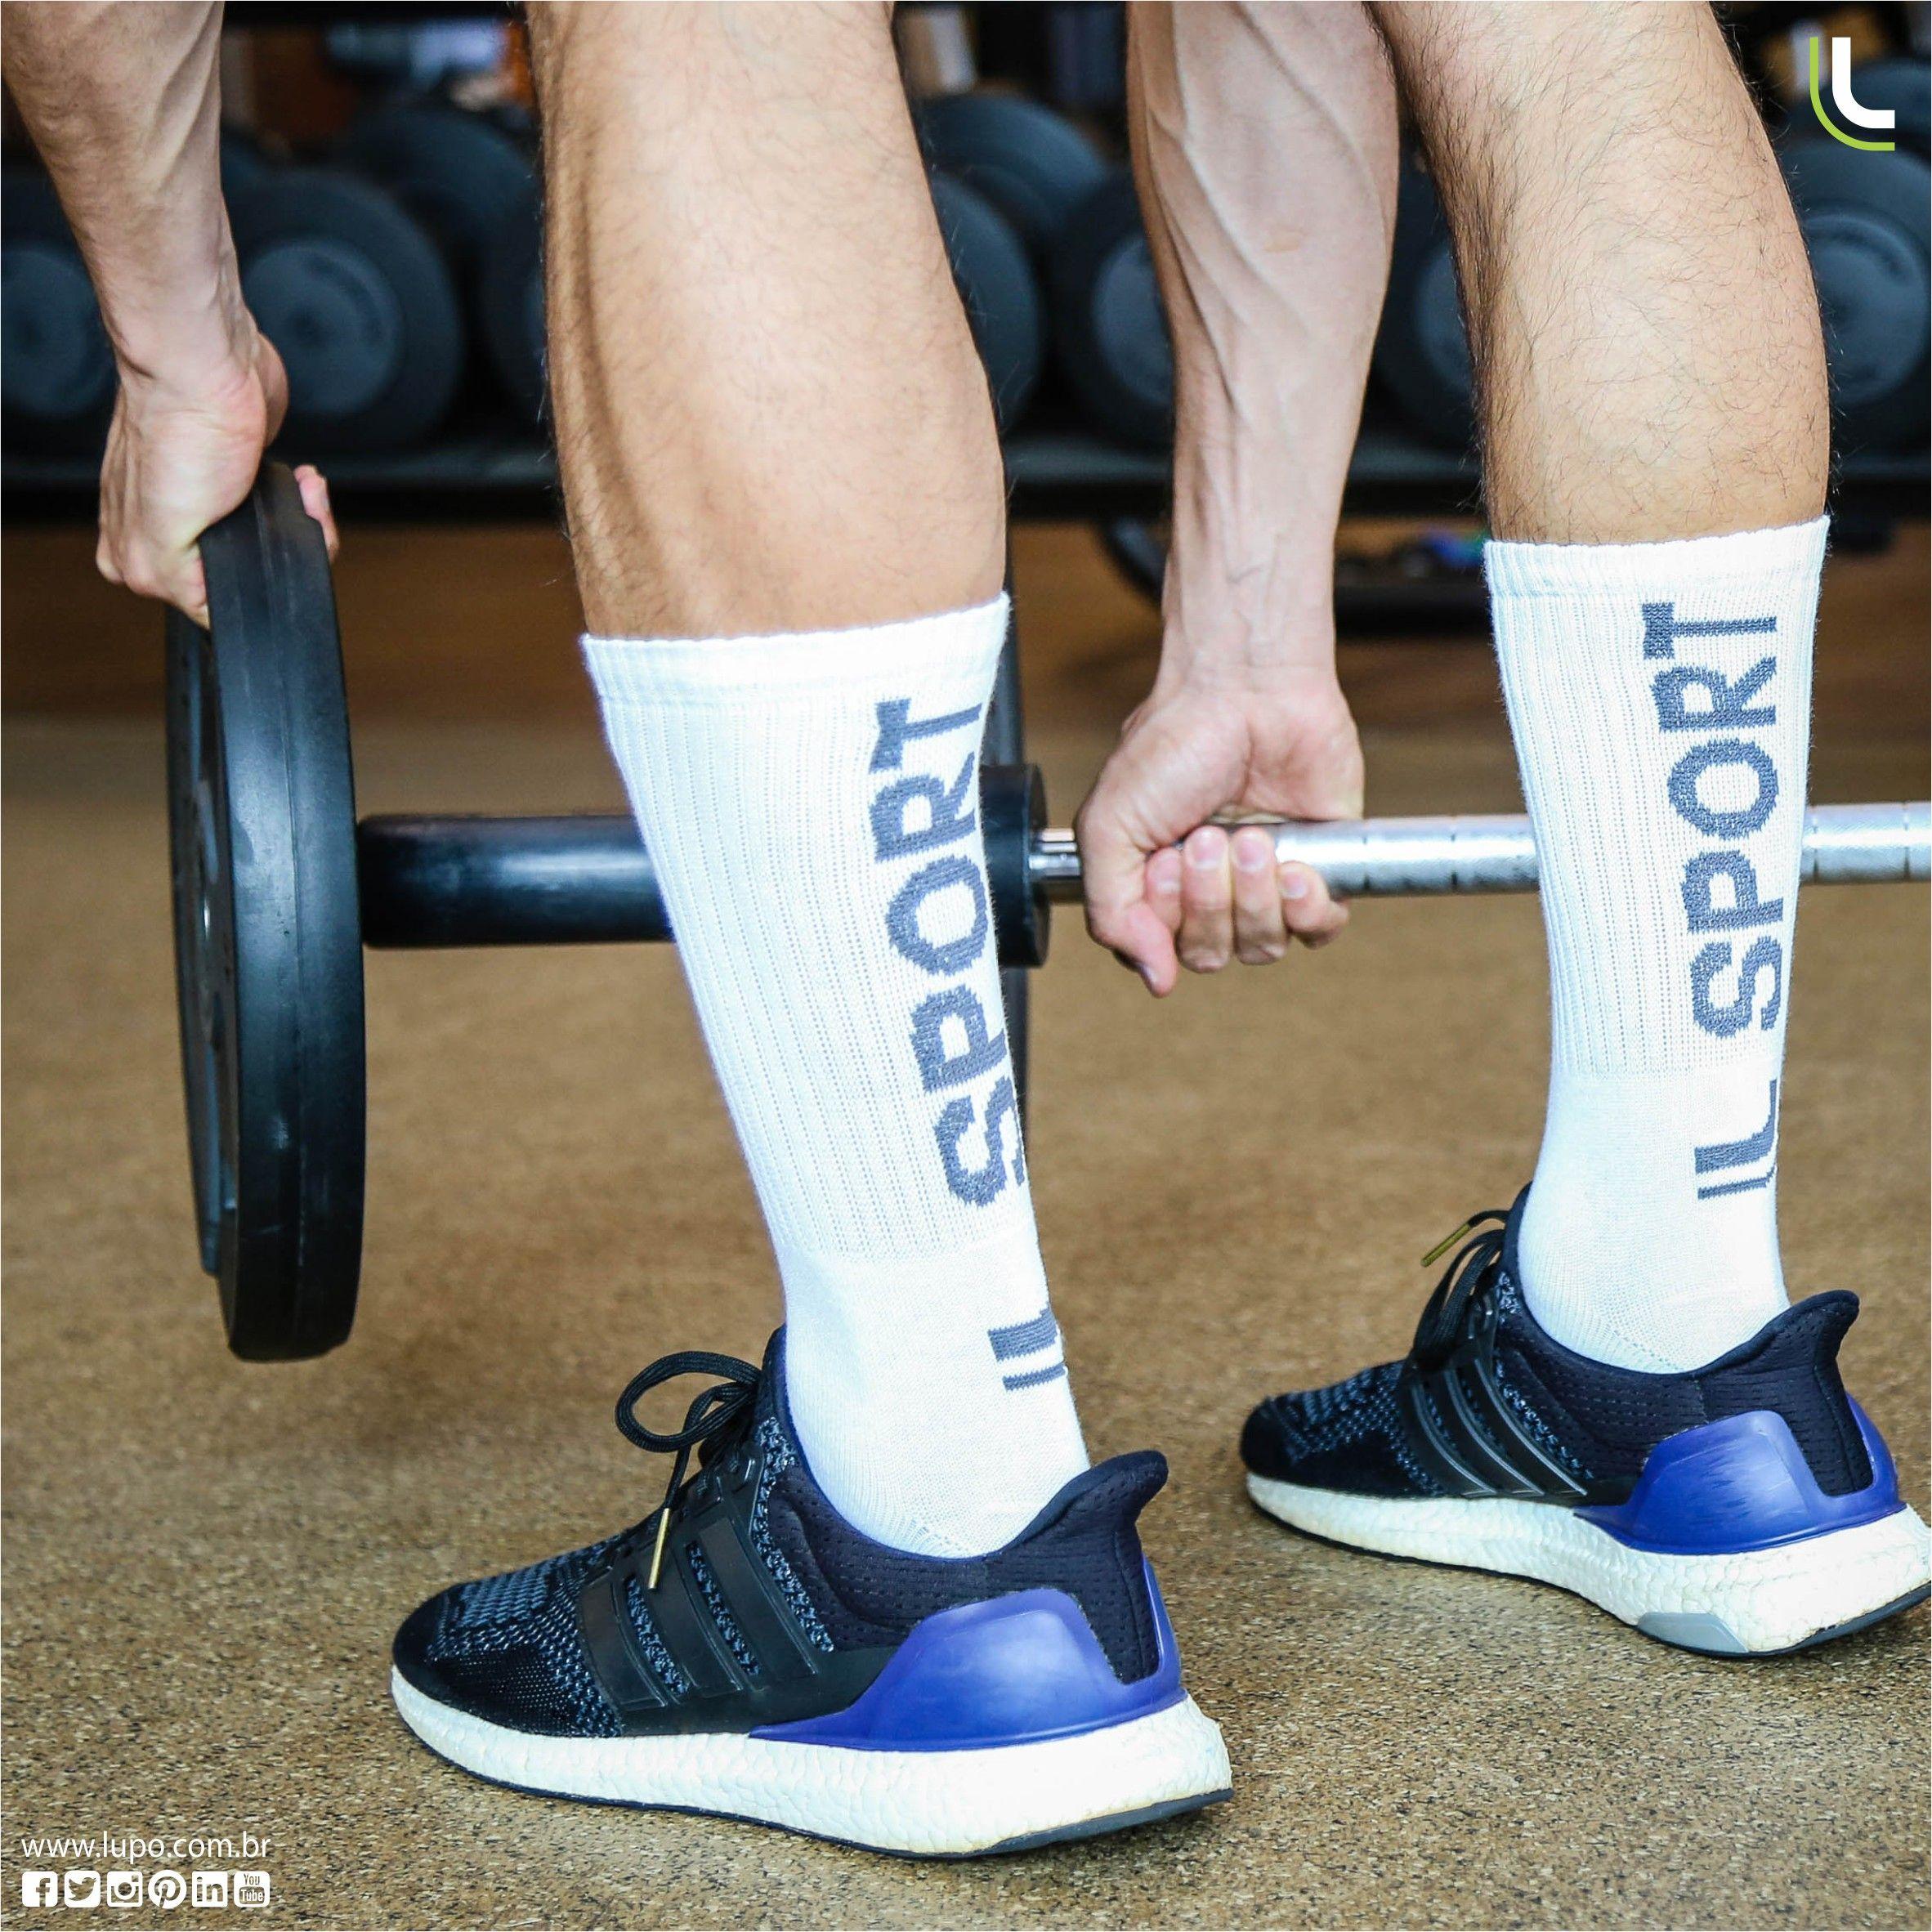 Conforto aos seus pés. #esporteépaixão #lupoélove